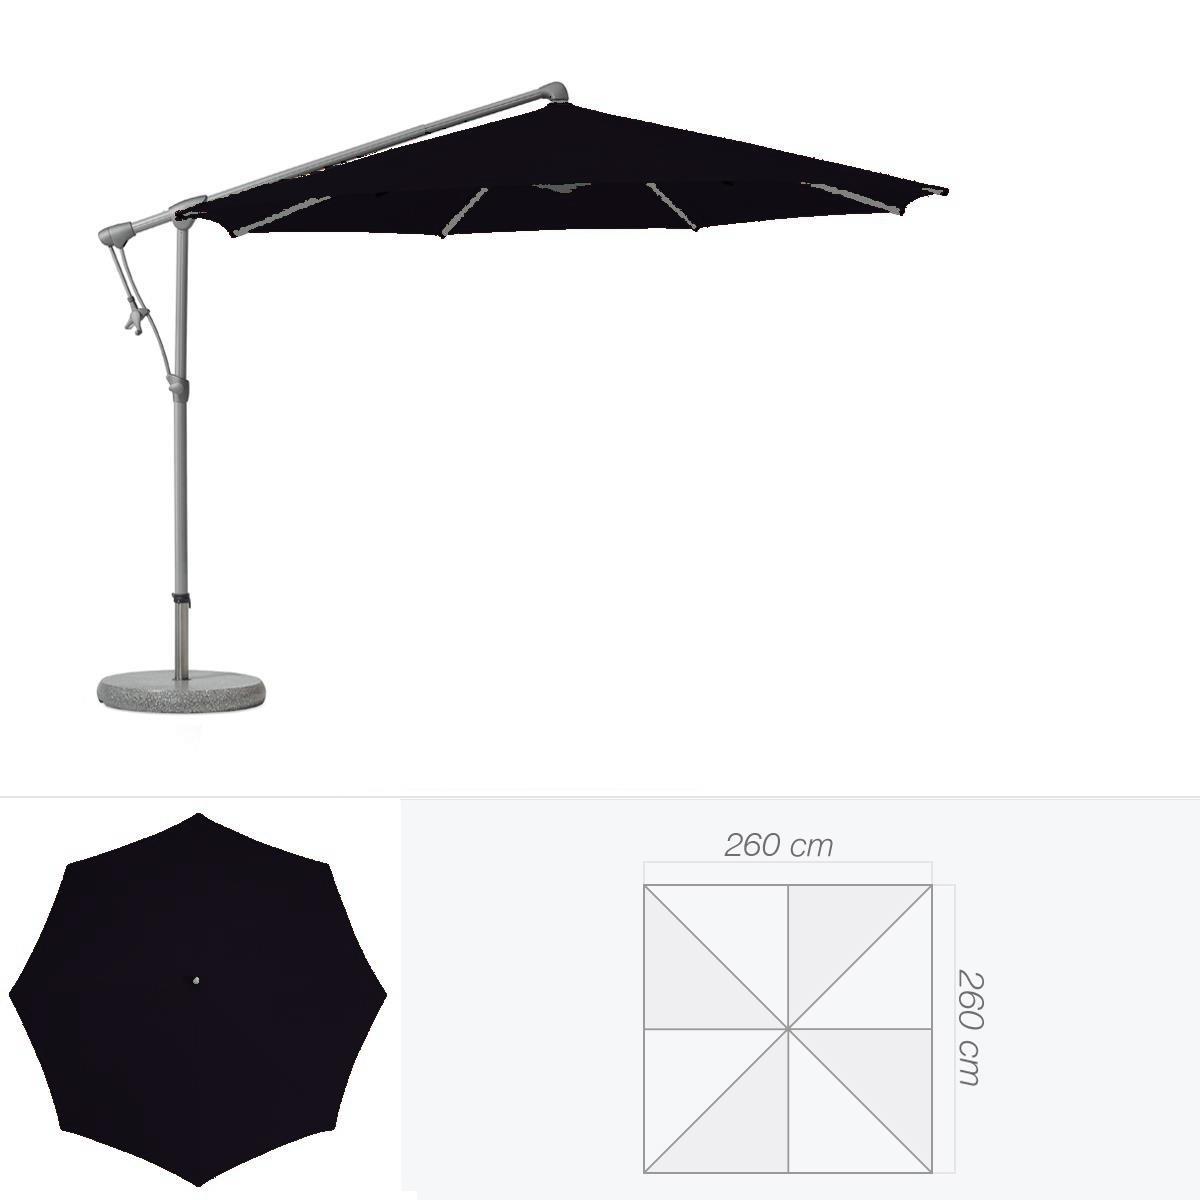 glatz parasol d centr sunwing c de glatz carr 260x260 cm noir d 39 anilime. Black Bedroom Furniture Sets. Home Design Ideas